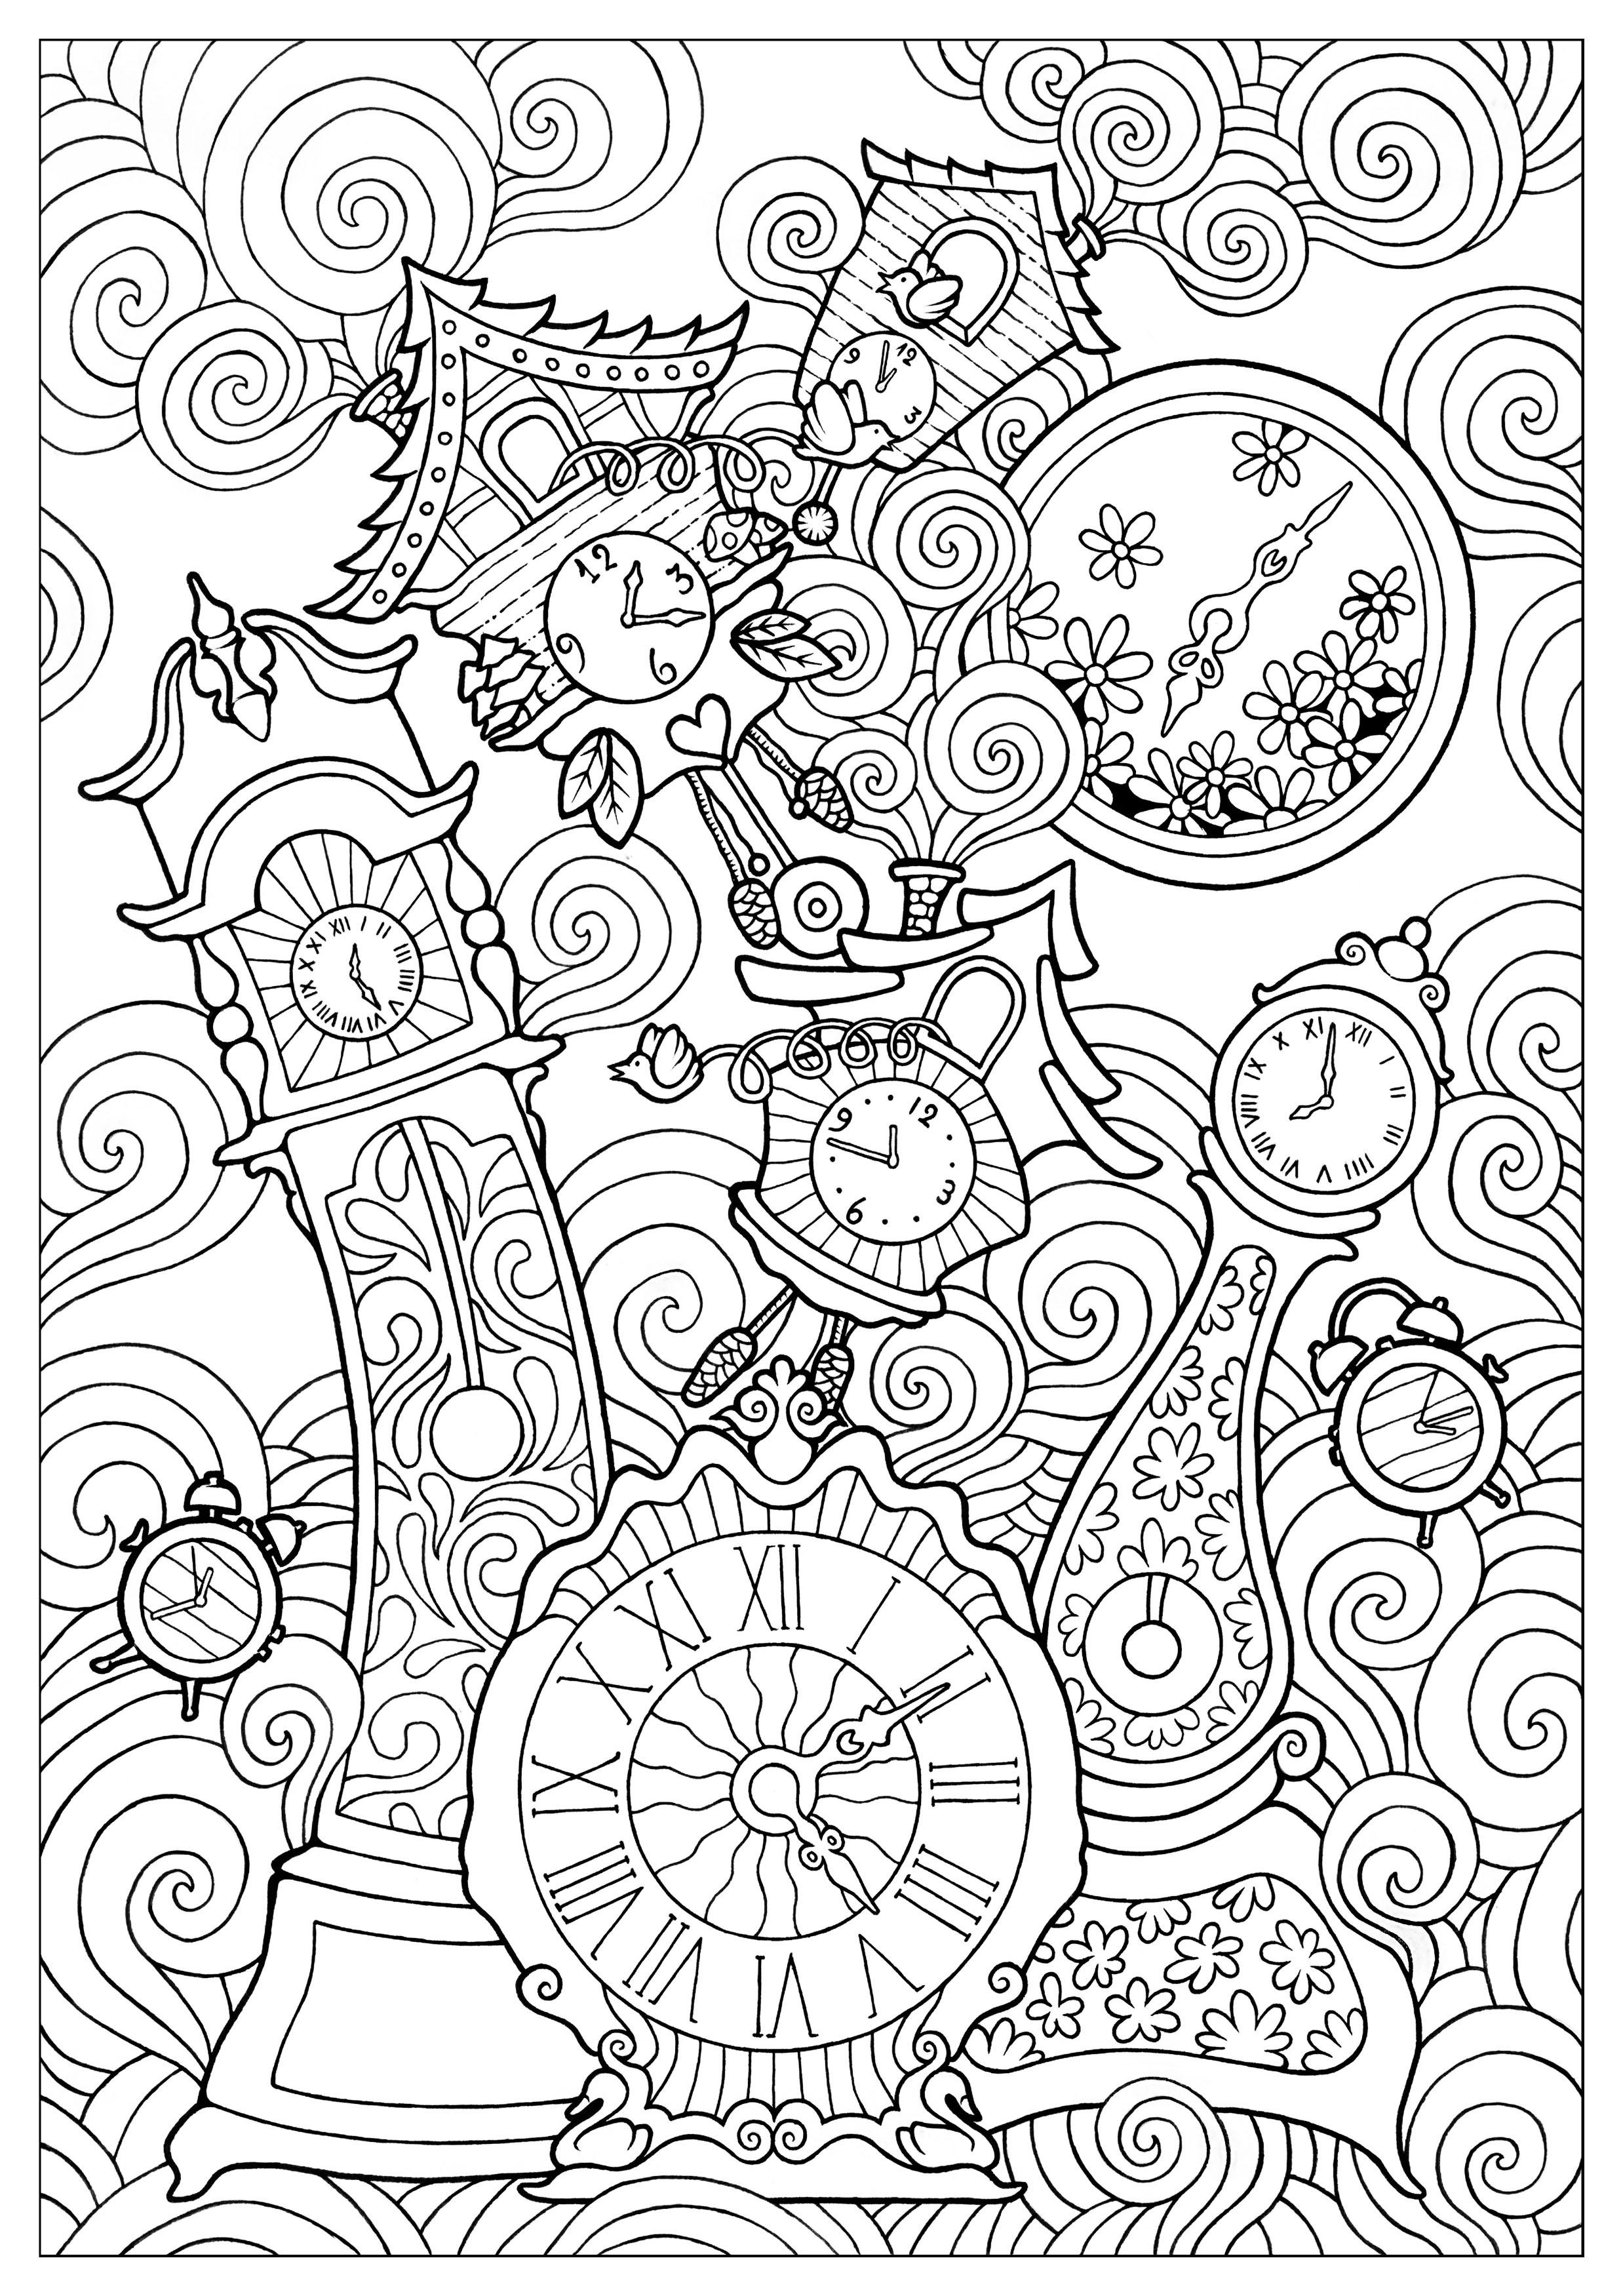 Disegni da colorare per adulti : Anti-stress / Zen - 194